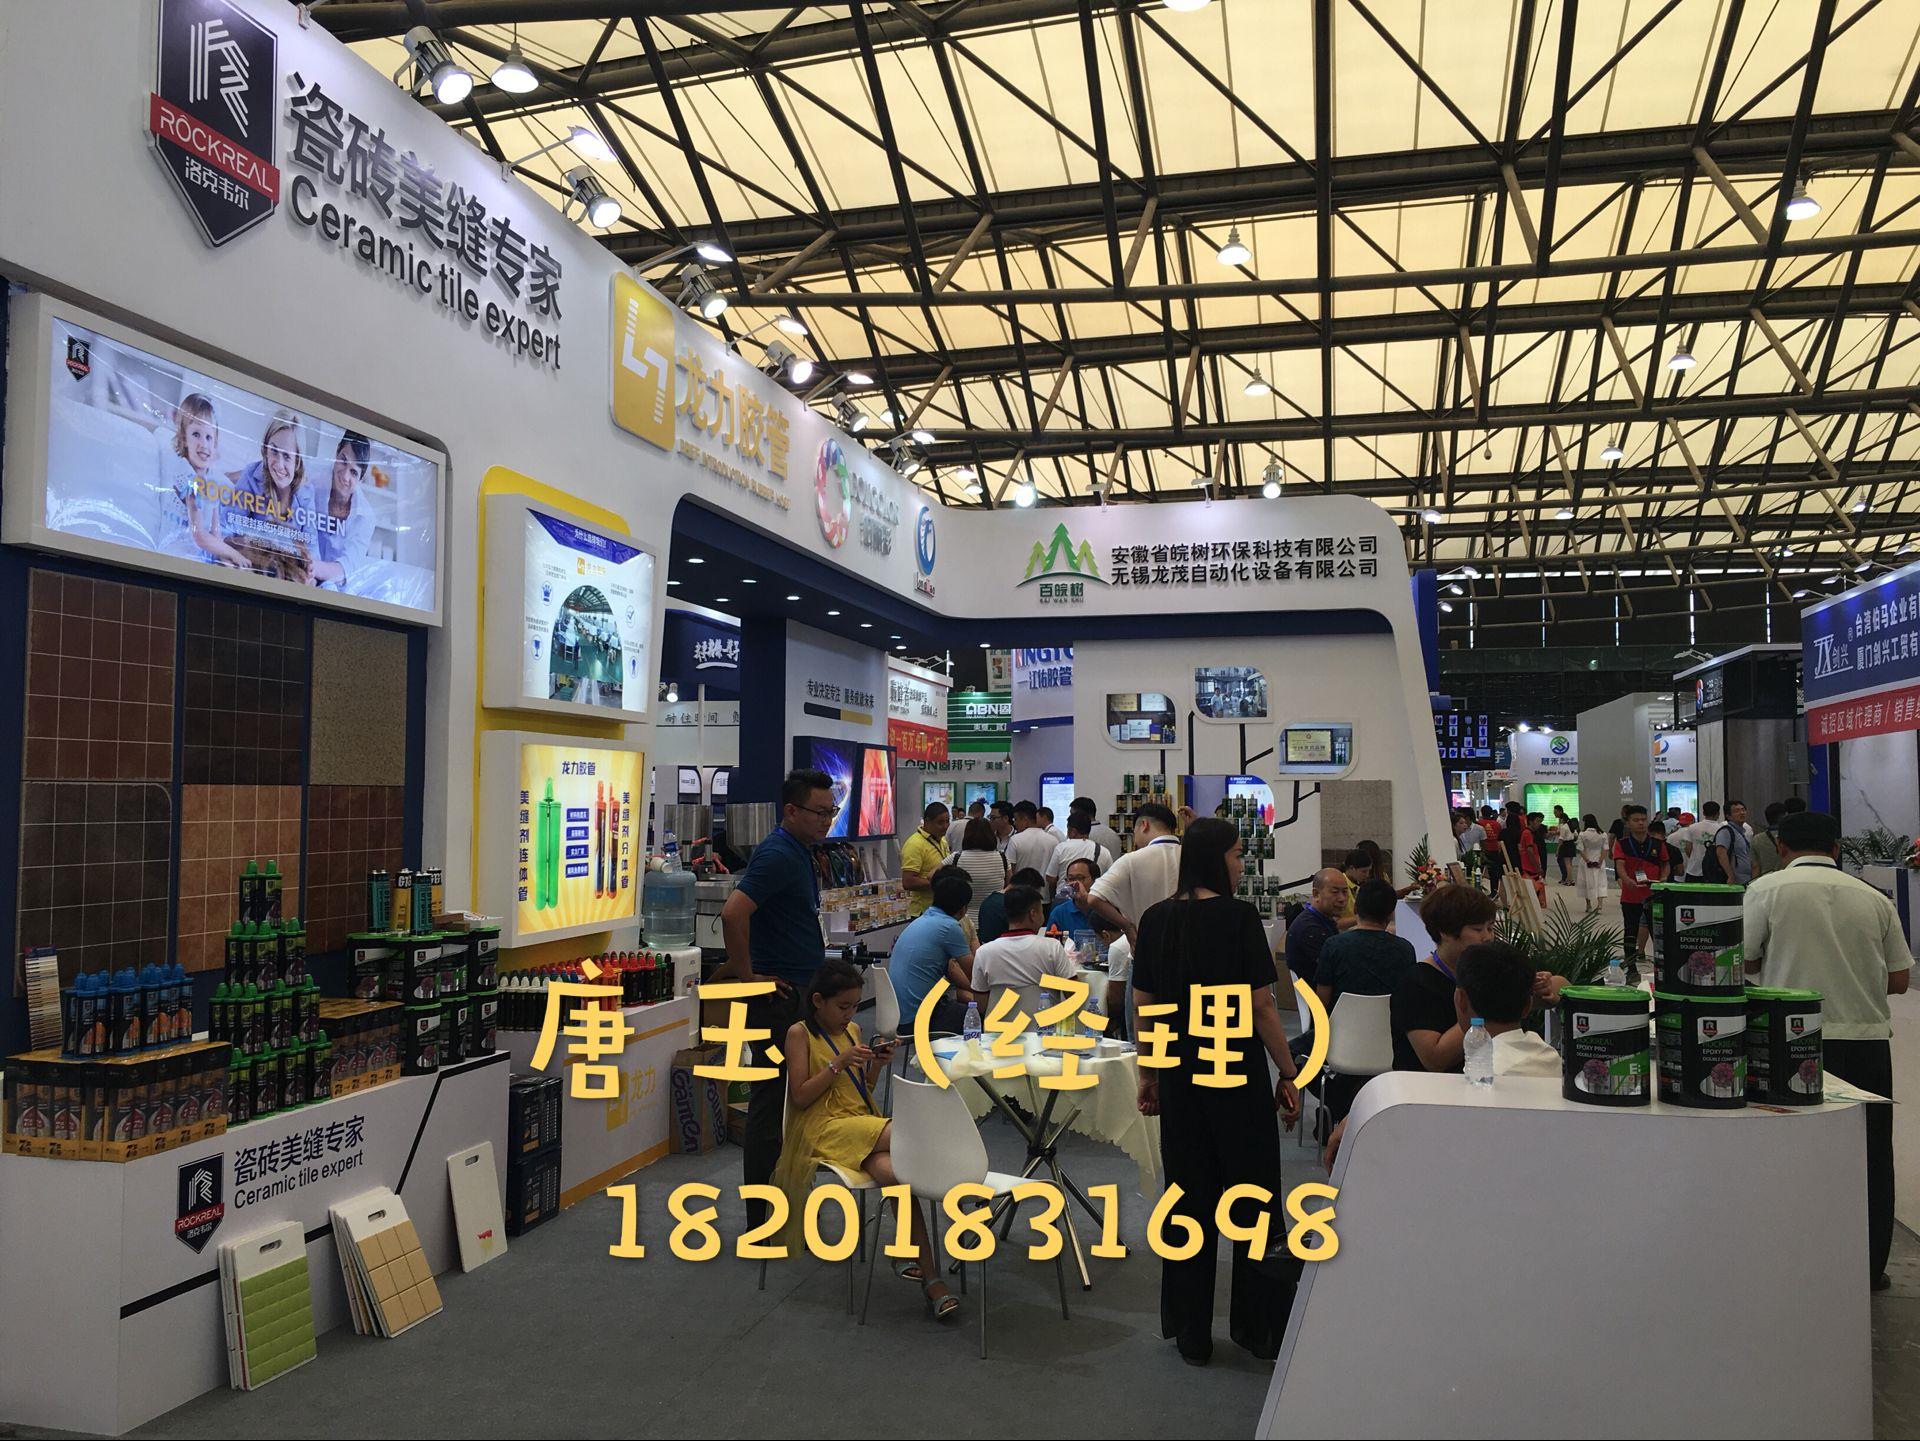 上海国际墙面墙材技术展览会